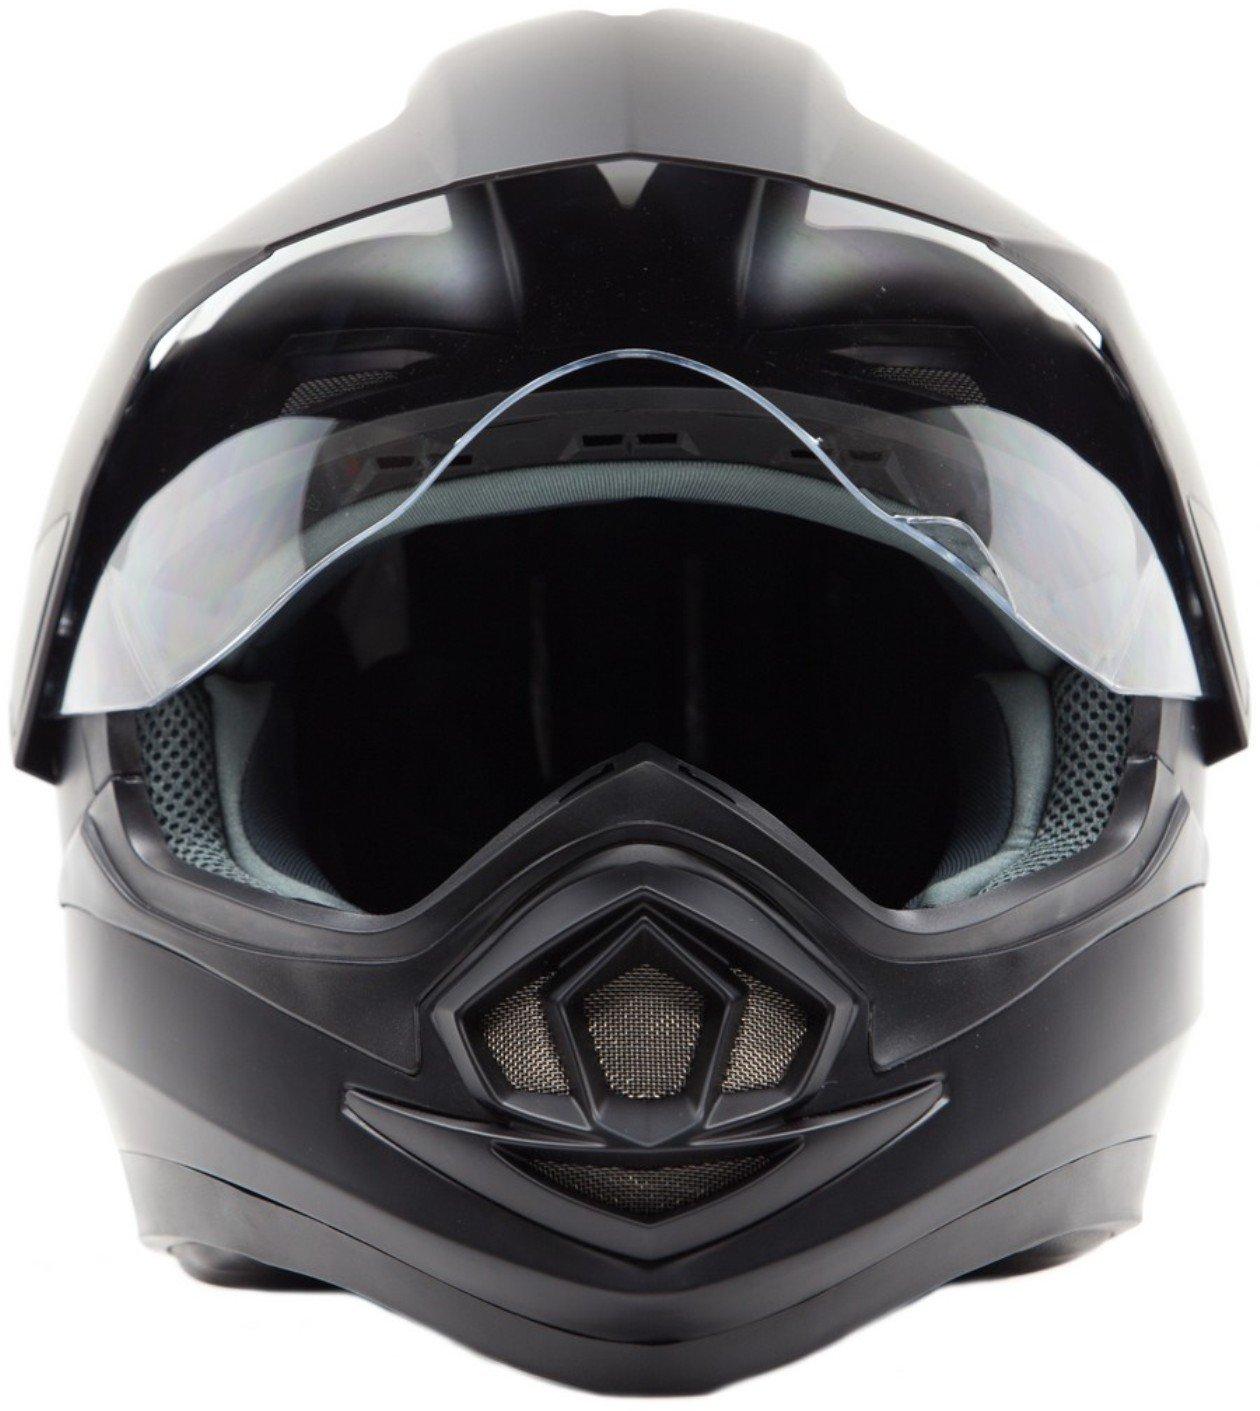 Dual Sport Snocross Snowmobile Helmet w/ Electric Heated Shield - Matte Black - XL by Typhoon Helmets (Image #5)